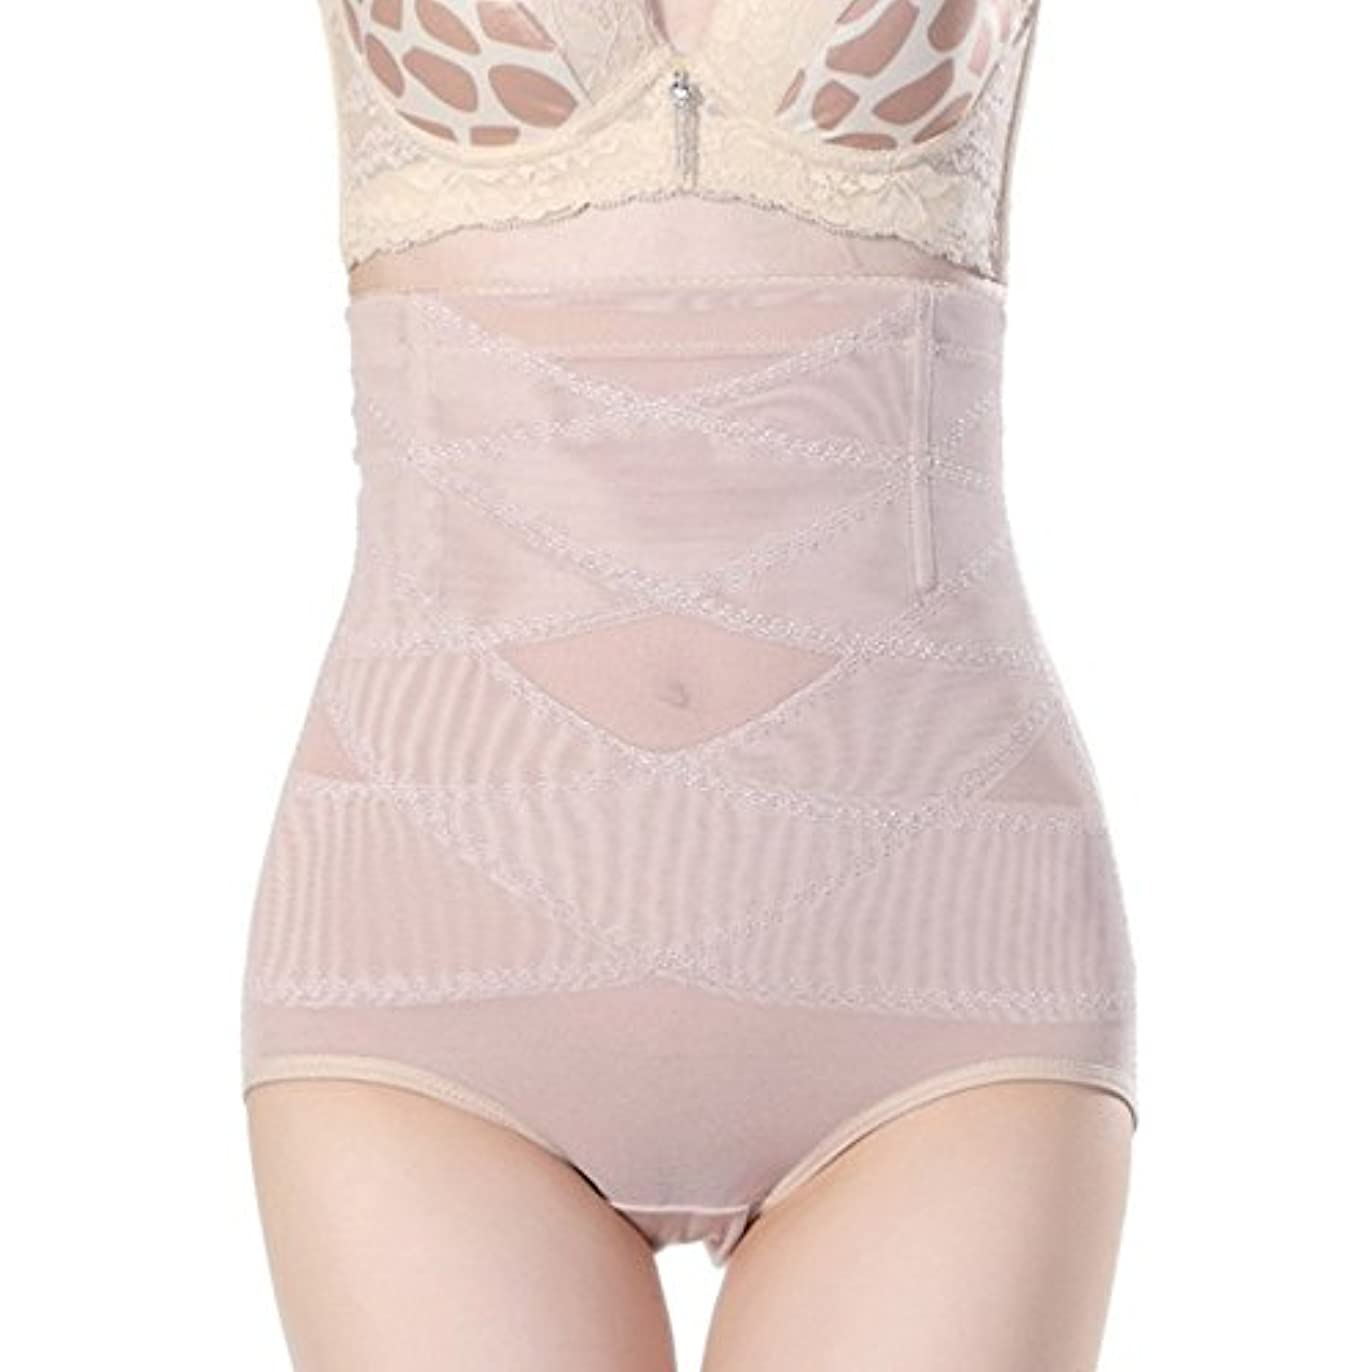 繁殖一般的な測る腹部制御下着シームレスおなかコントロールパンティーバットリフターボディシェイパーを痩身通気性のハイウエストの女性 - 肌色L